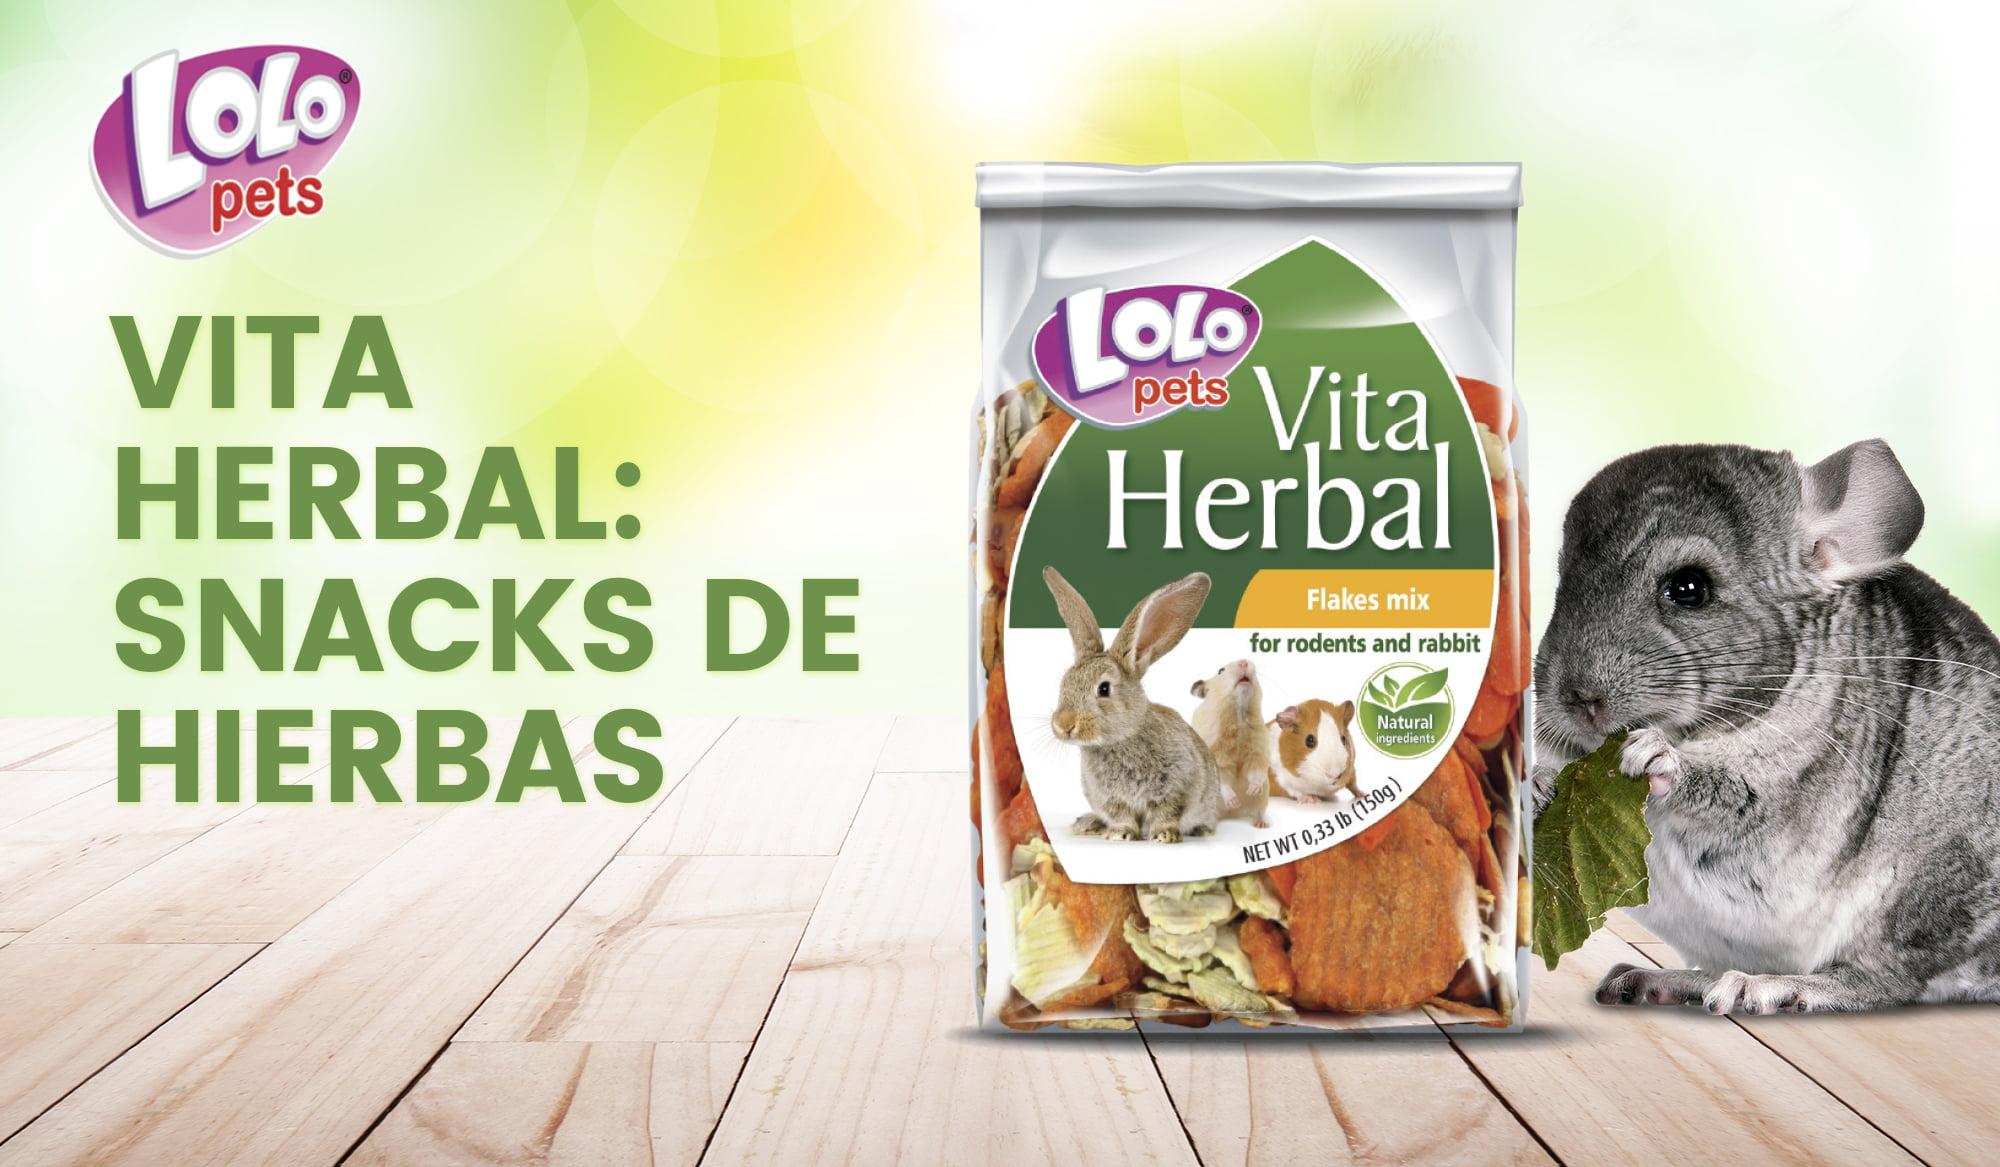 Vita Herbal: snacks de hierbas para roedores